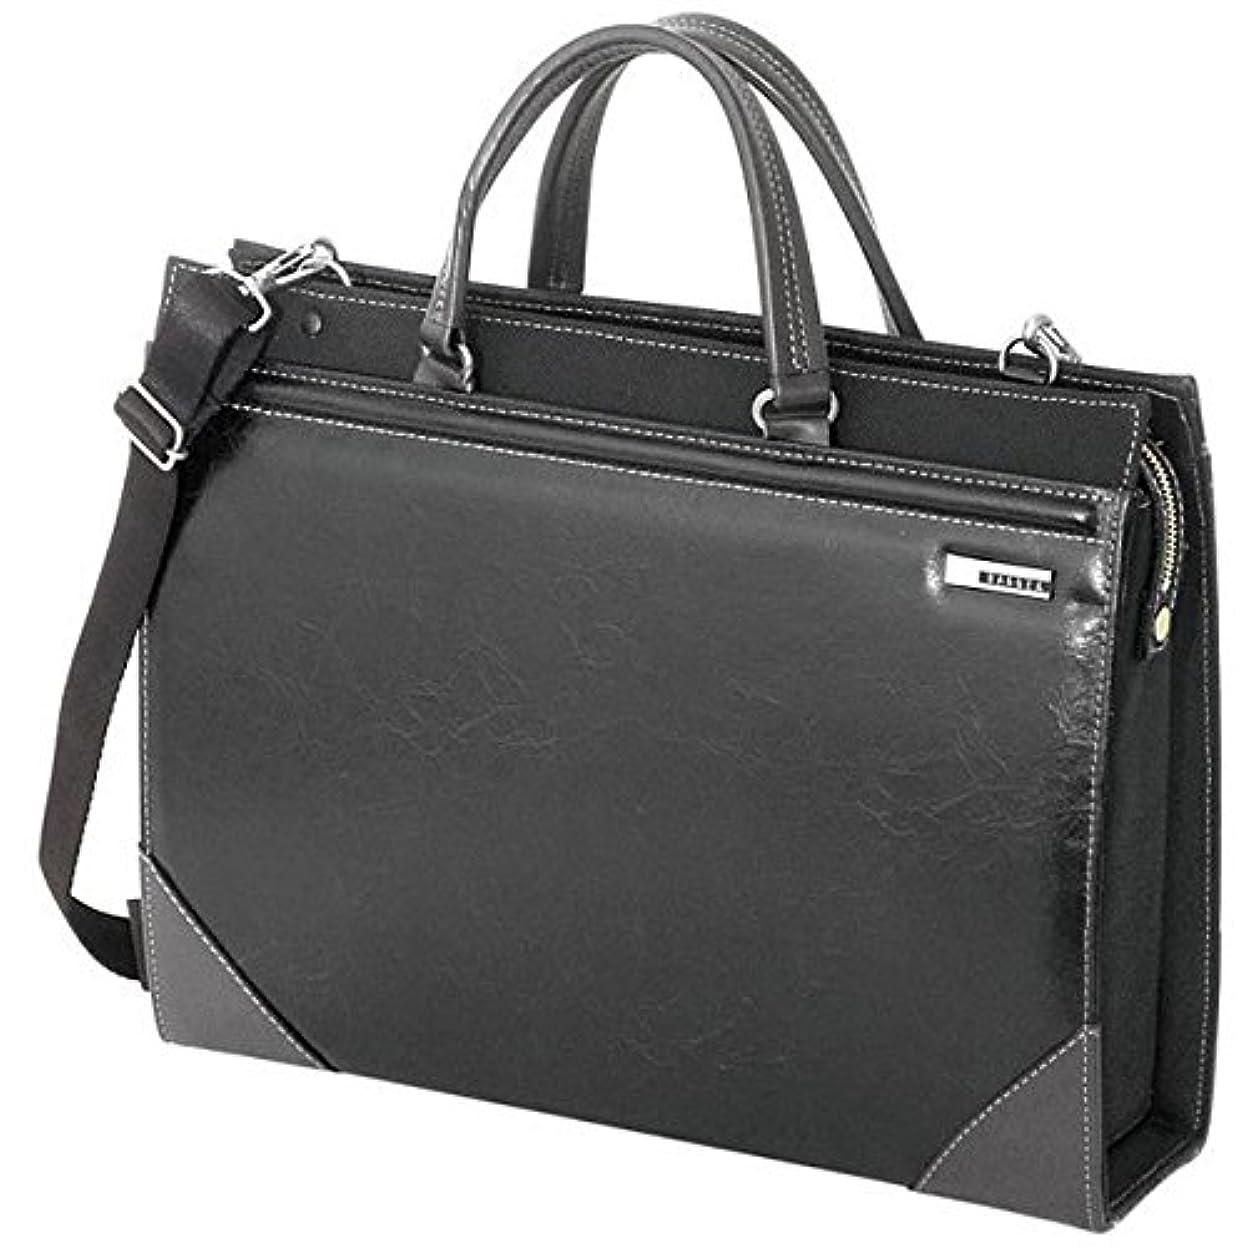 古くなったジャニス強調highstyle ビジネスバッグ メンズ 日本製 アンティーク調 フェイクレザー 2WAY ビジネスバッグ